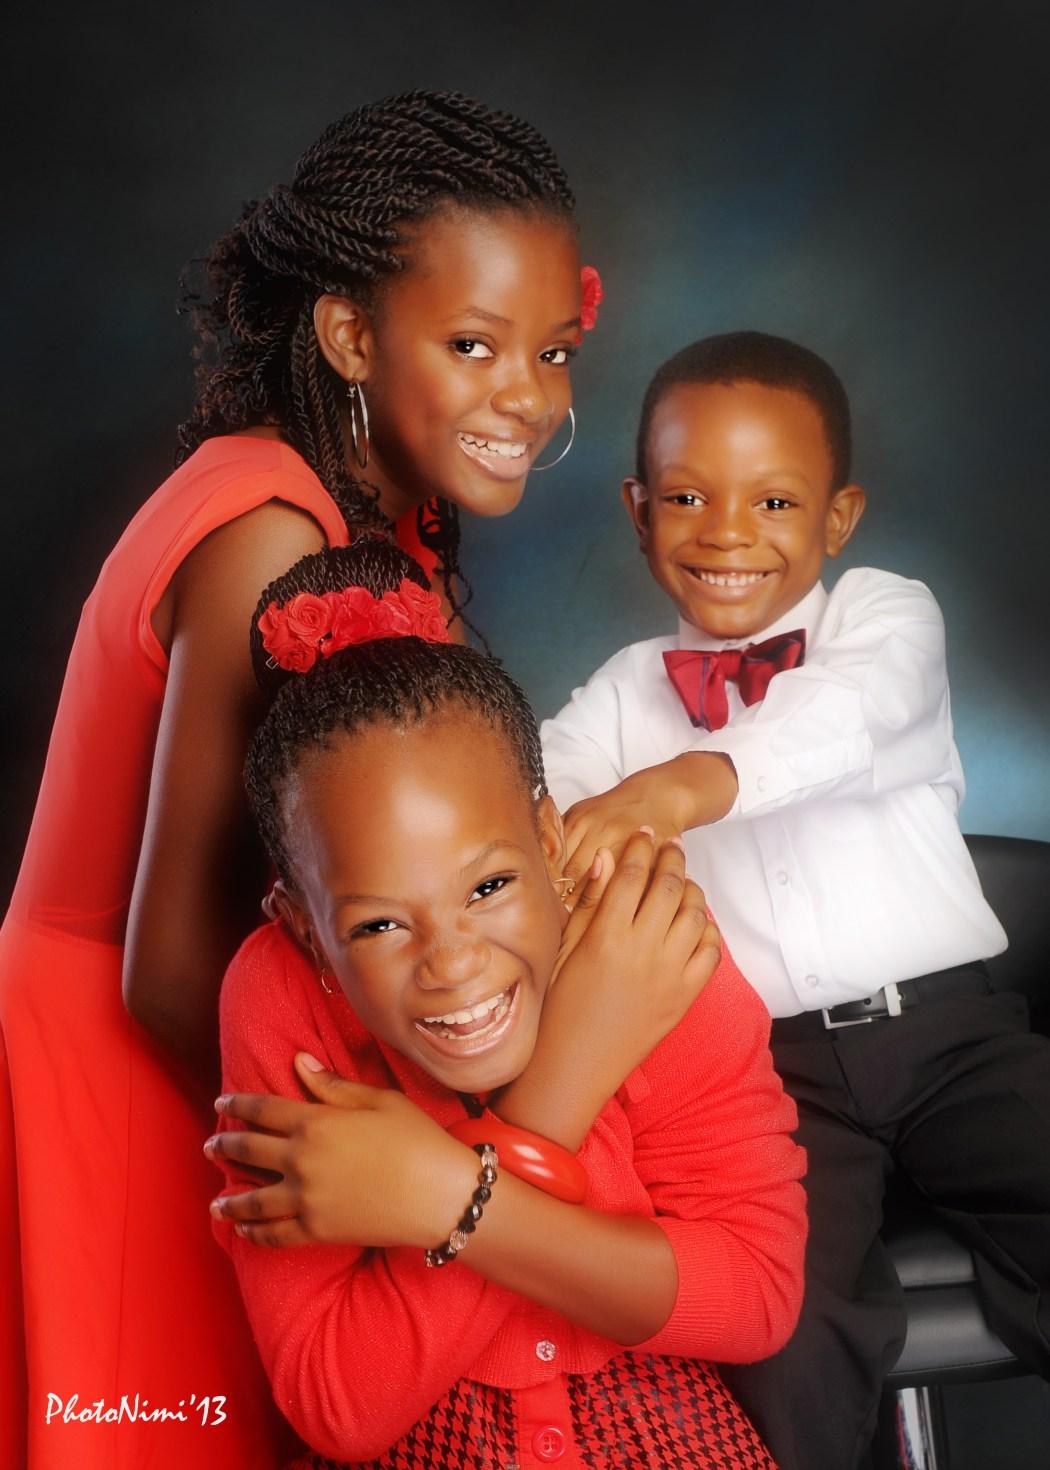 children having fun, studio, photonimi